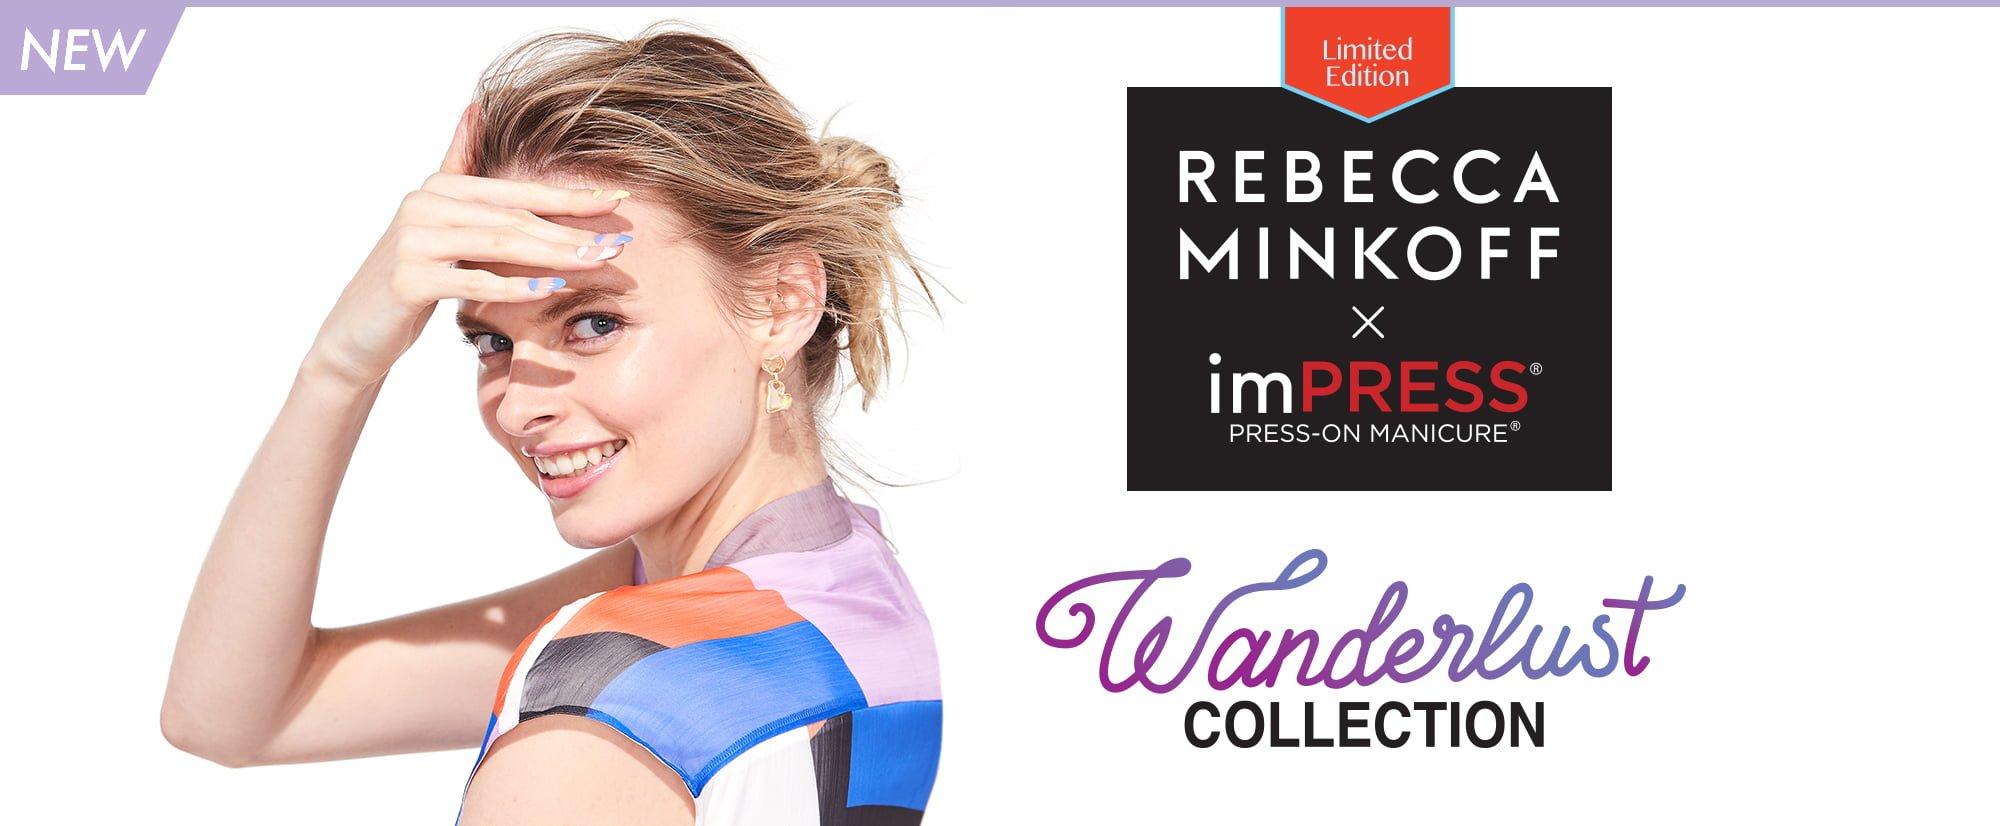 Rebecca Minkoff x imPRESS Wanderlust Collection